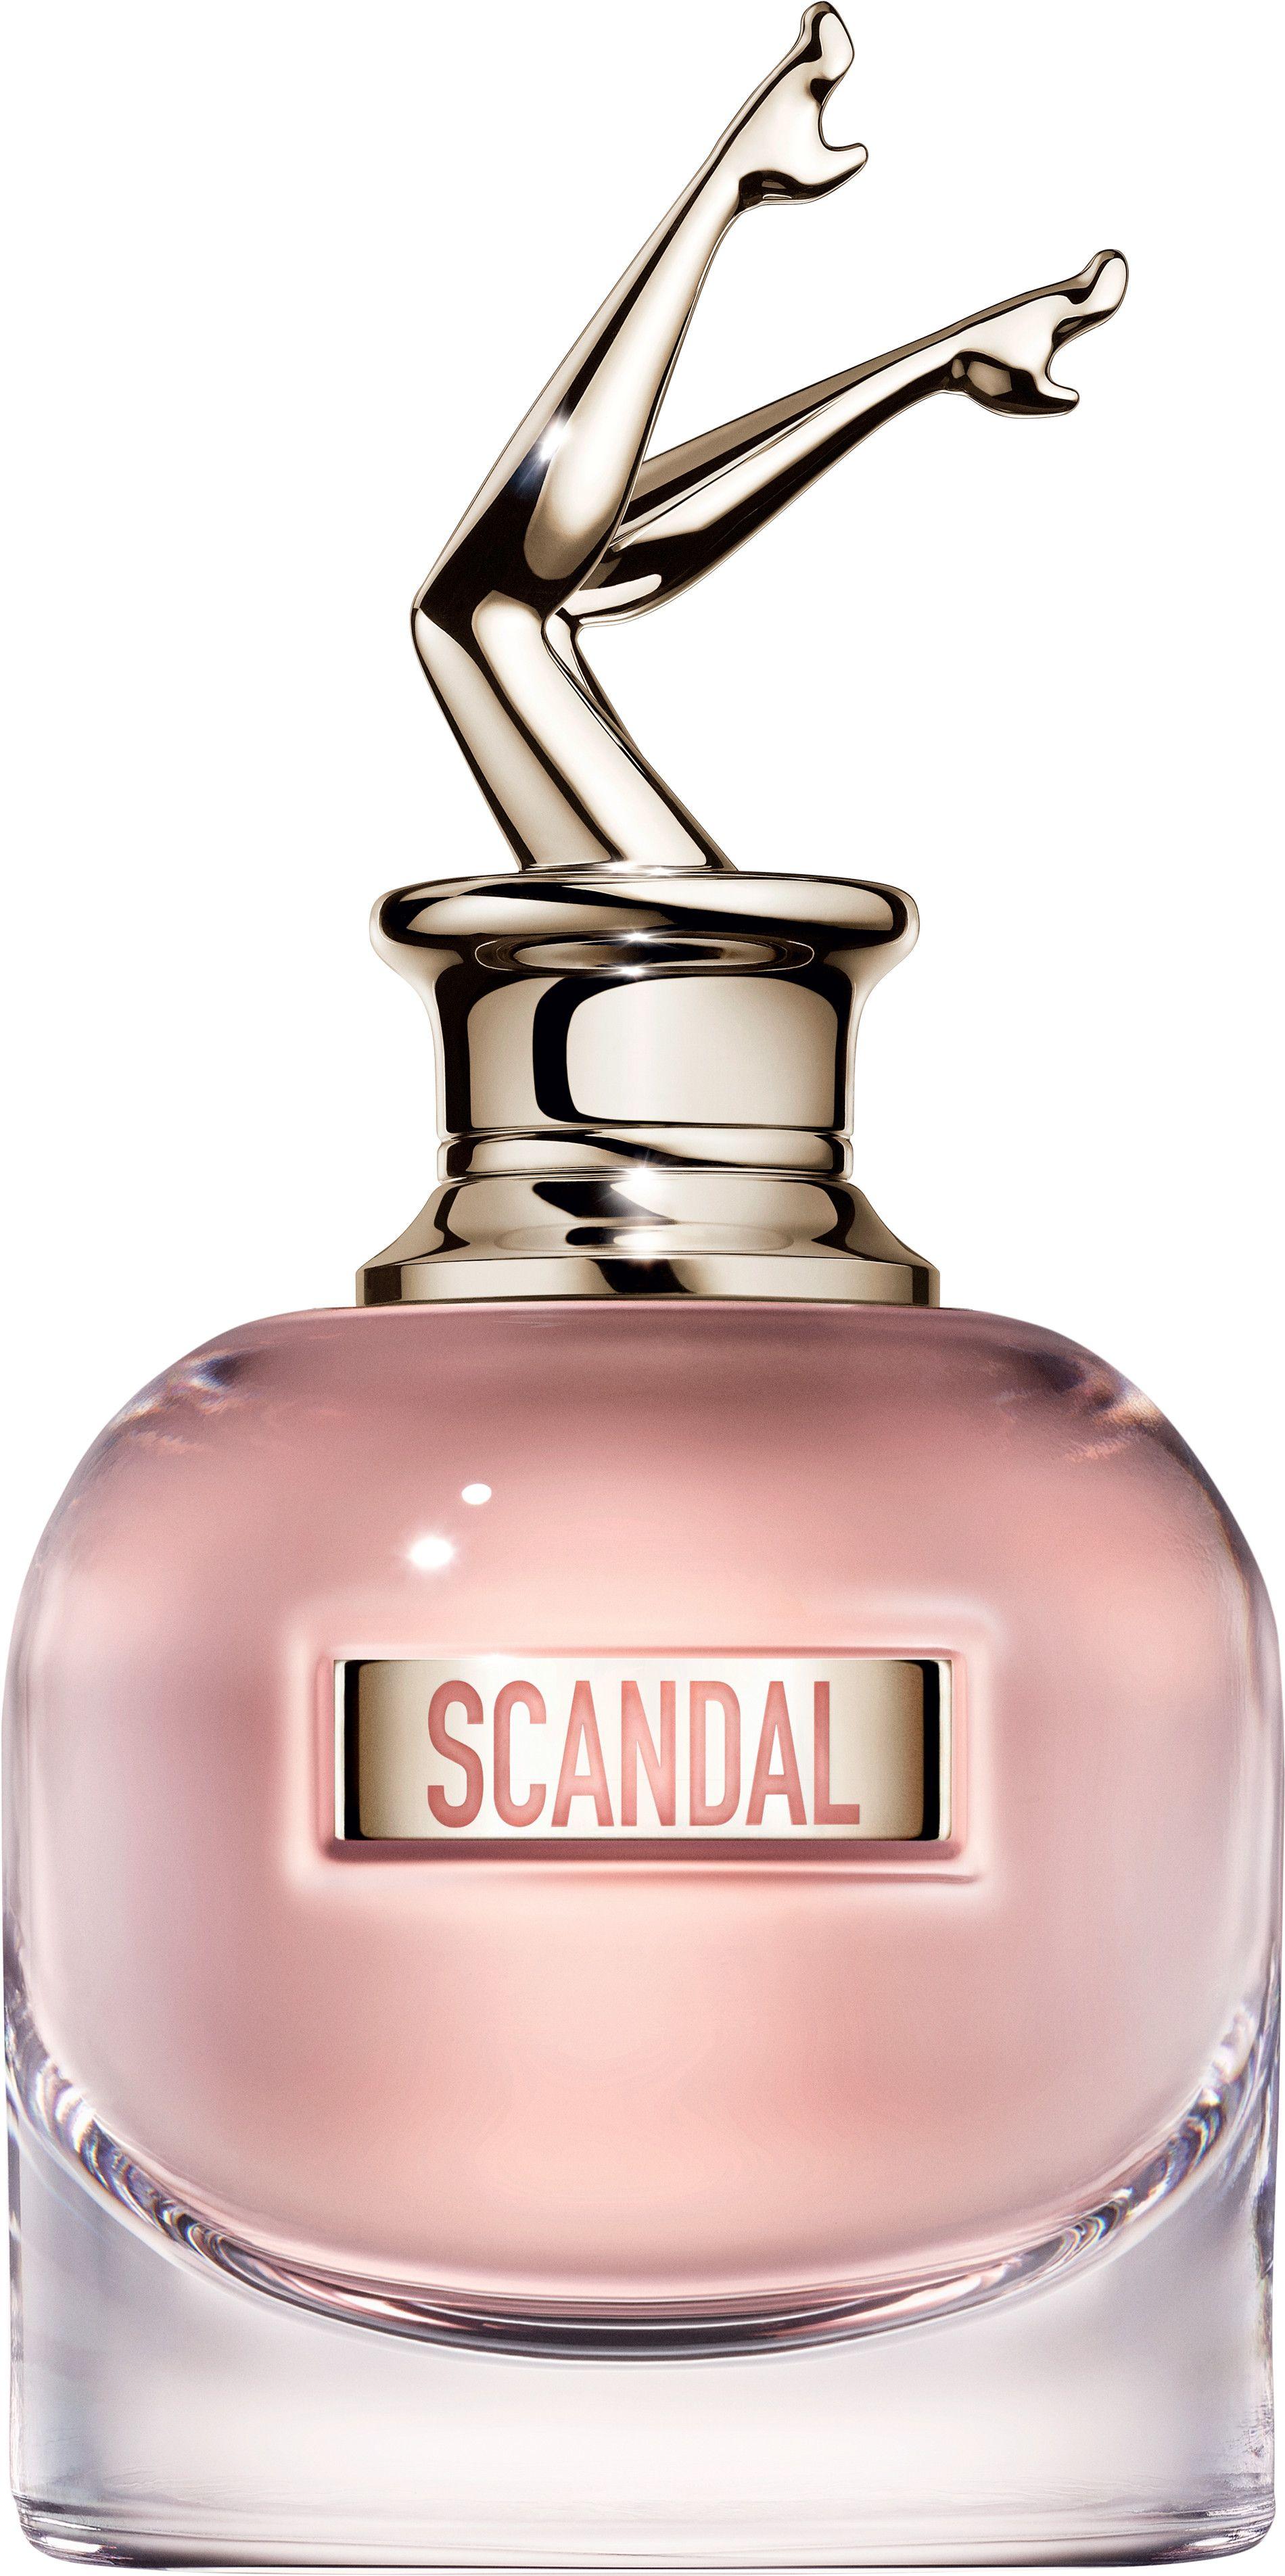 Jean Paul Gaultier Scandal Edp Beaute Rose Parfüm Duft Et